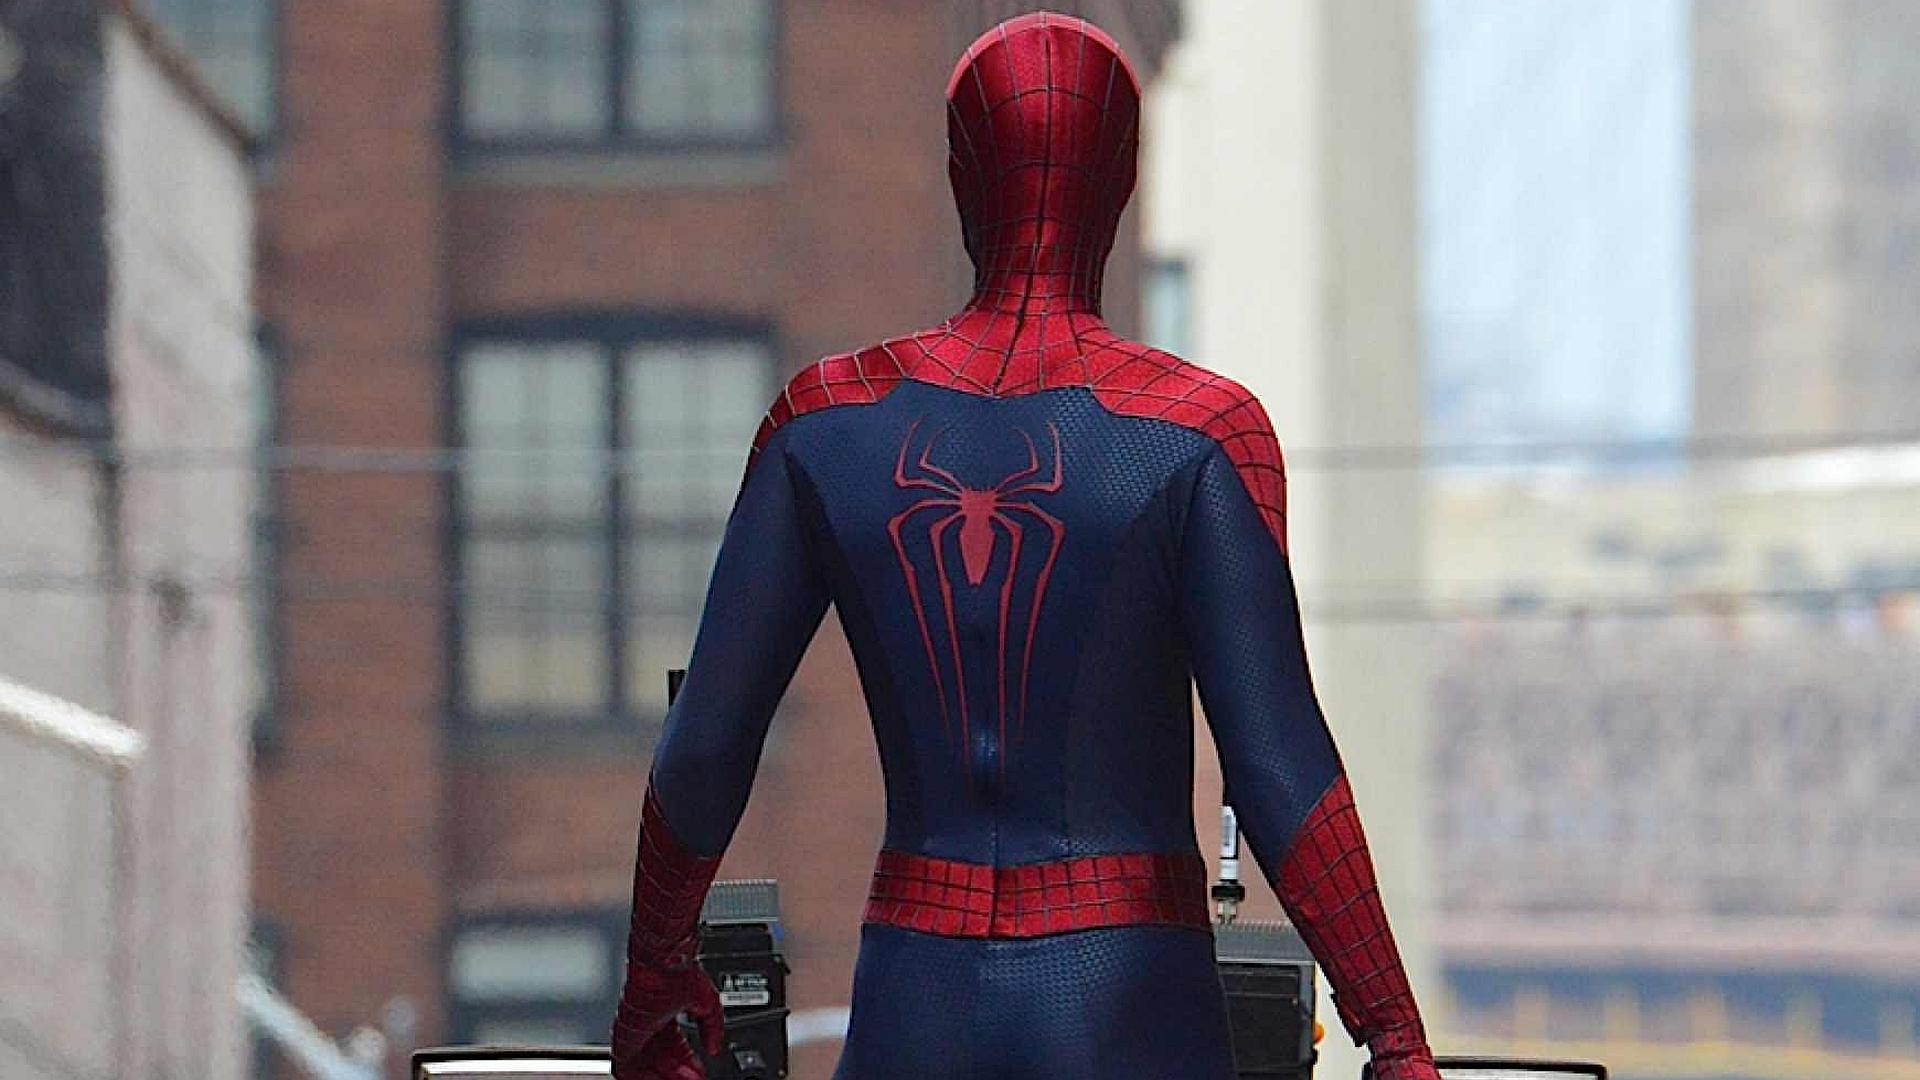 amazing spider man 2 1080p 1e wallpaper hd